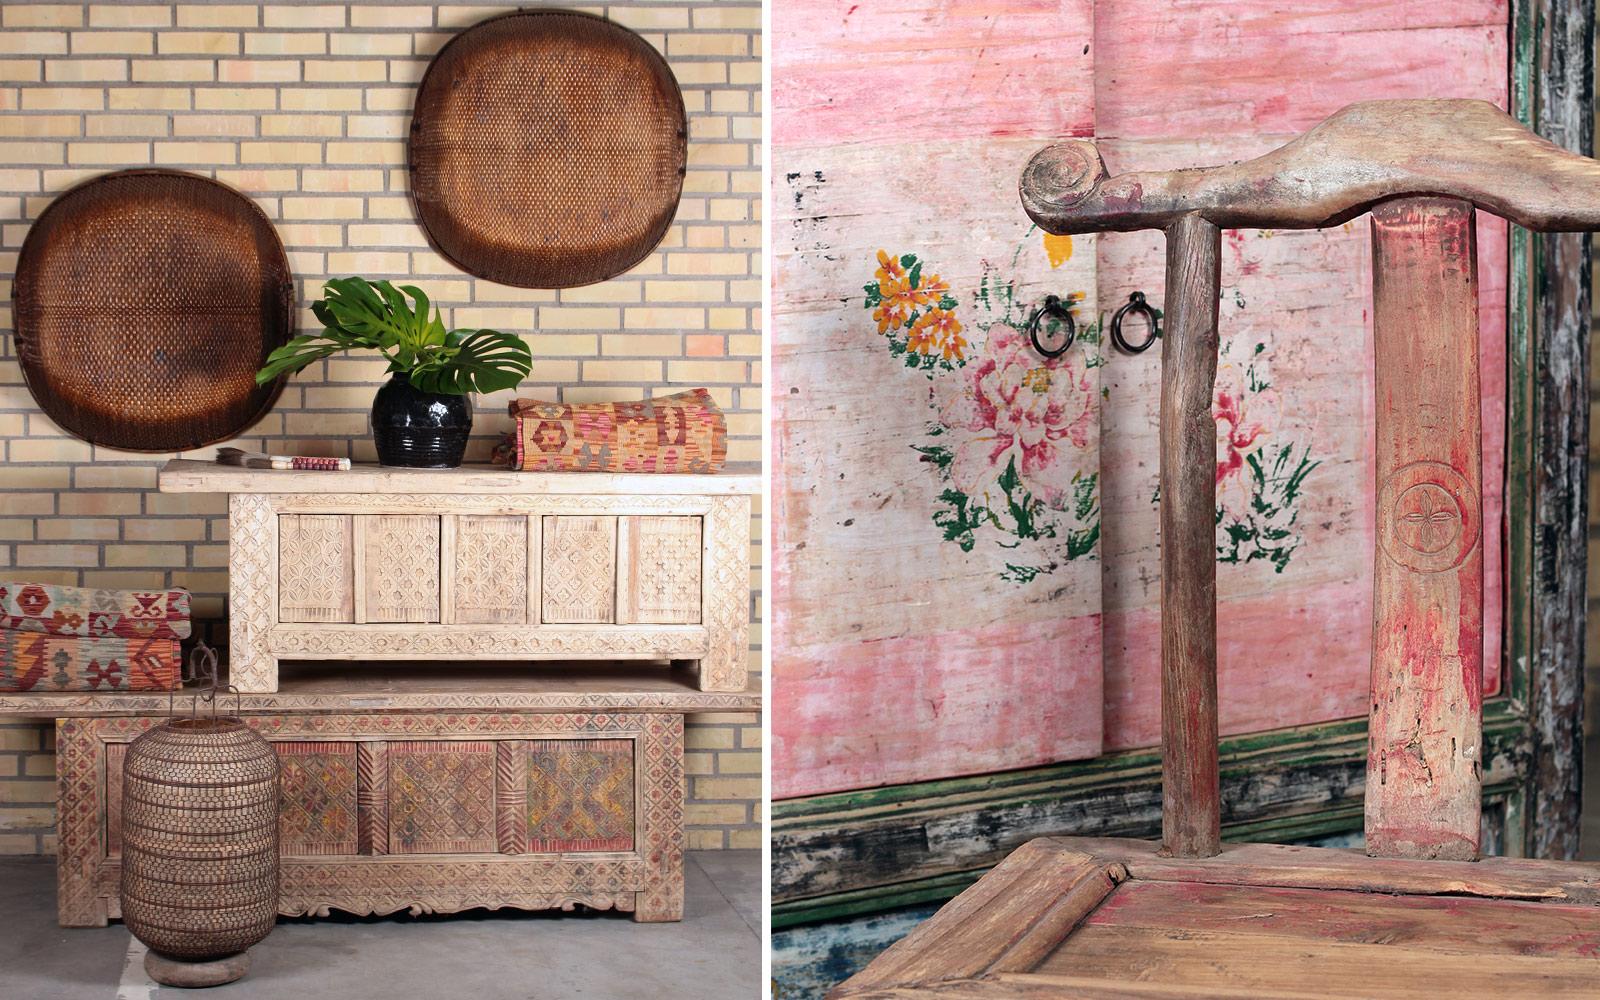 cabinets-annuzza